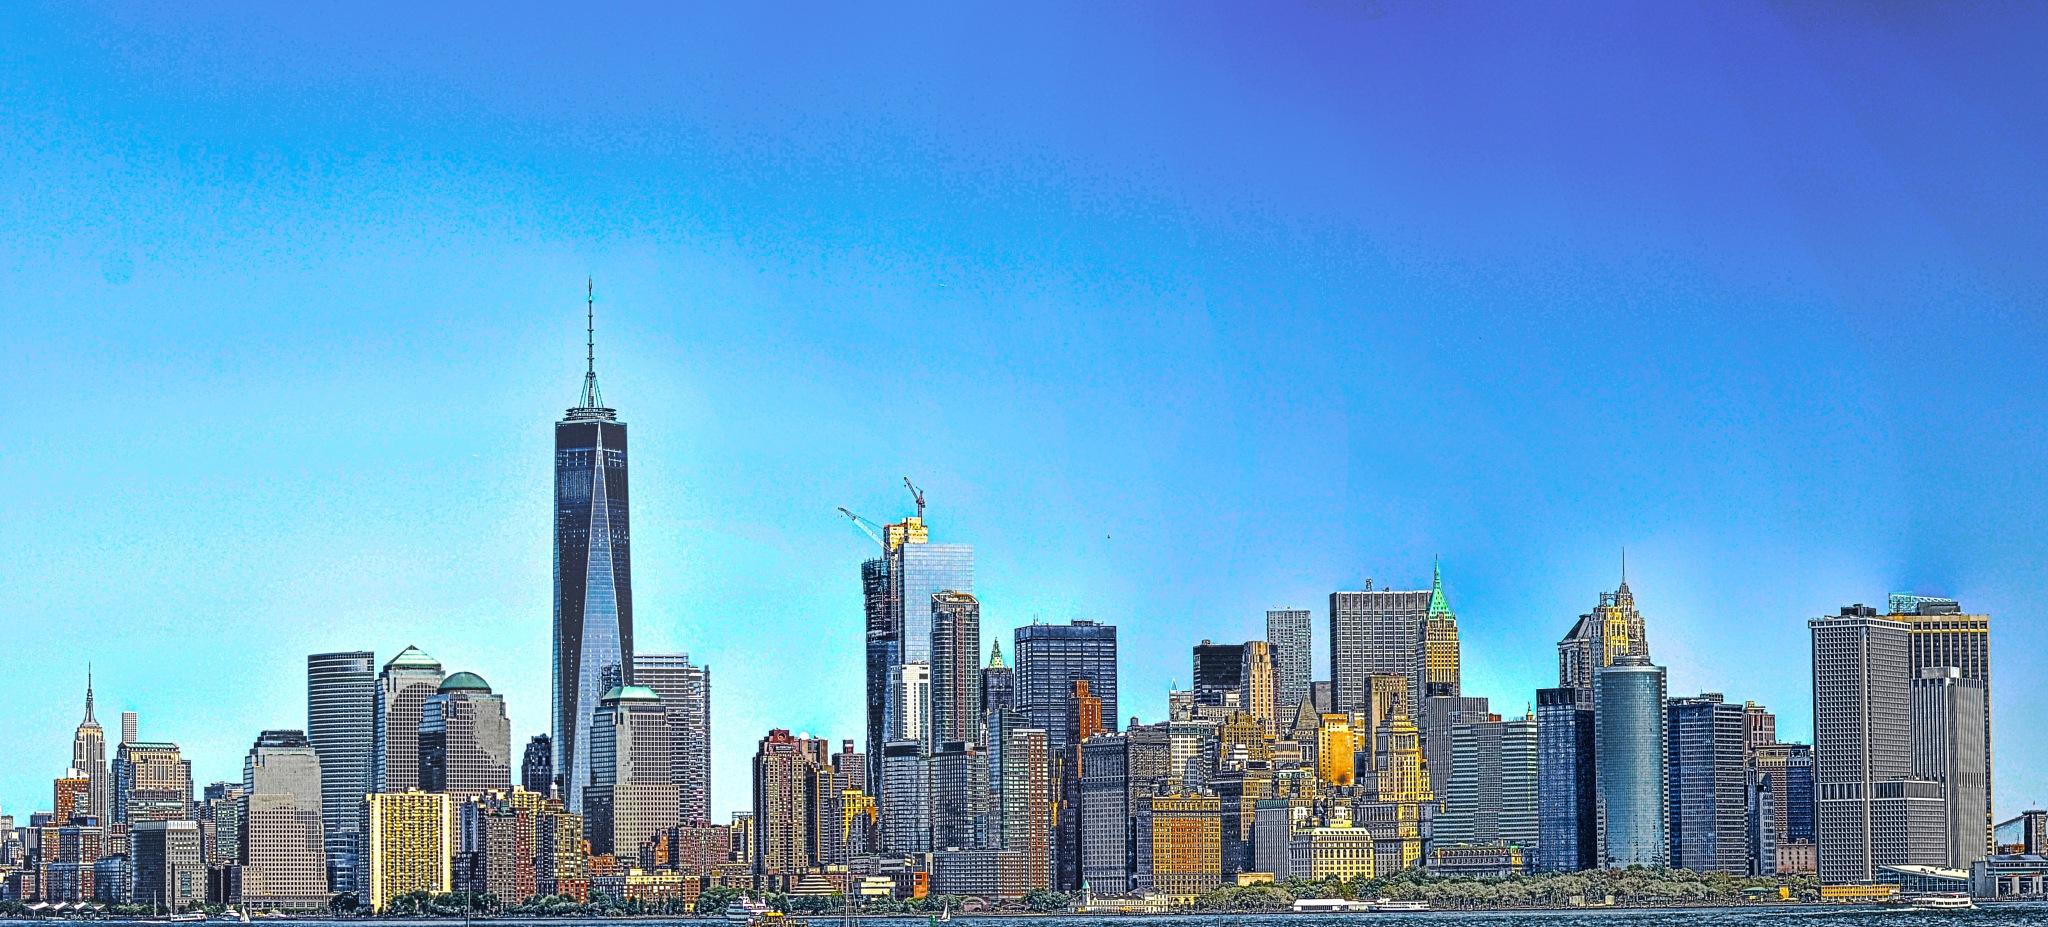 New York, NY by Sadiq Ali AlQatari